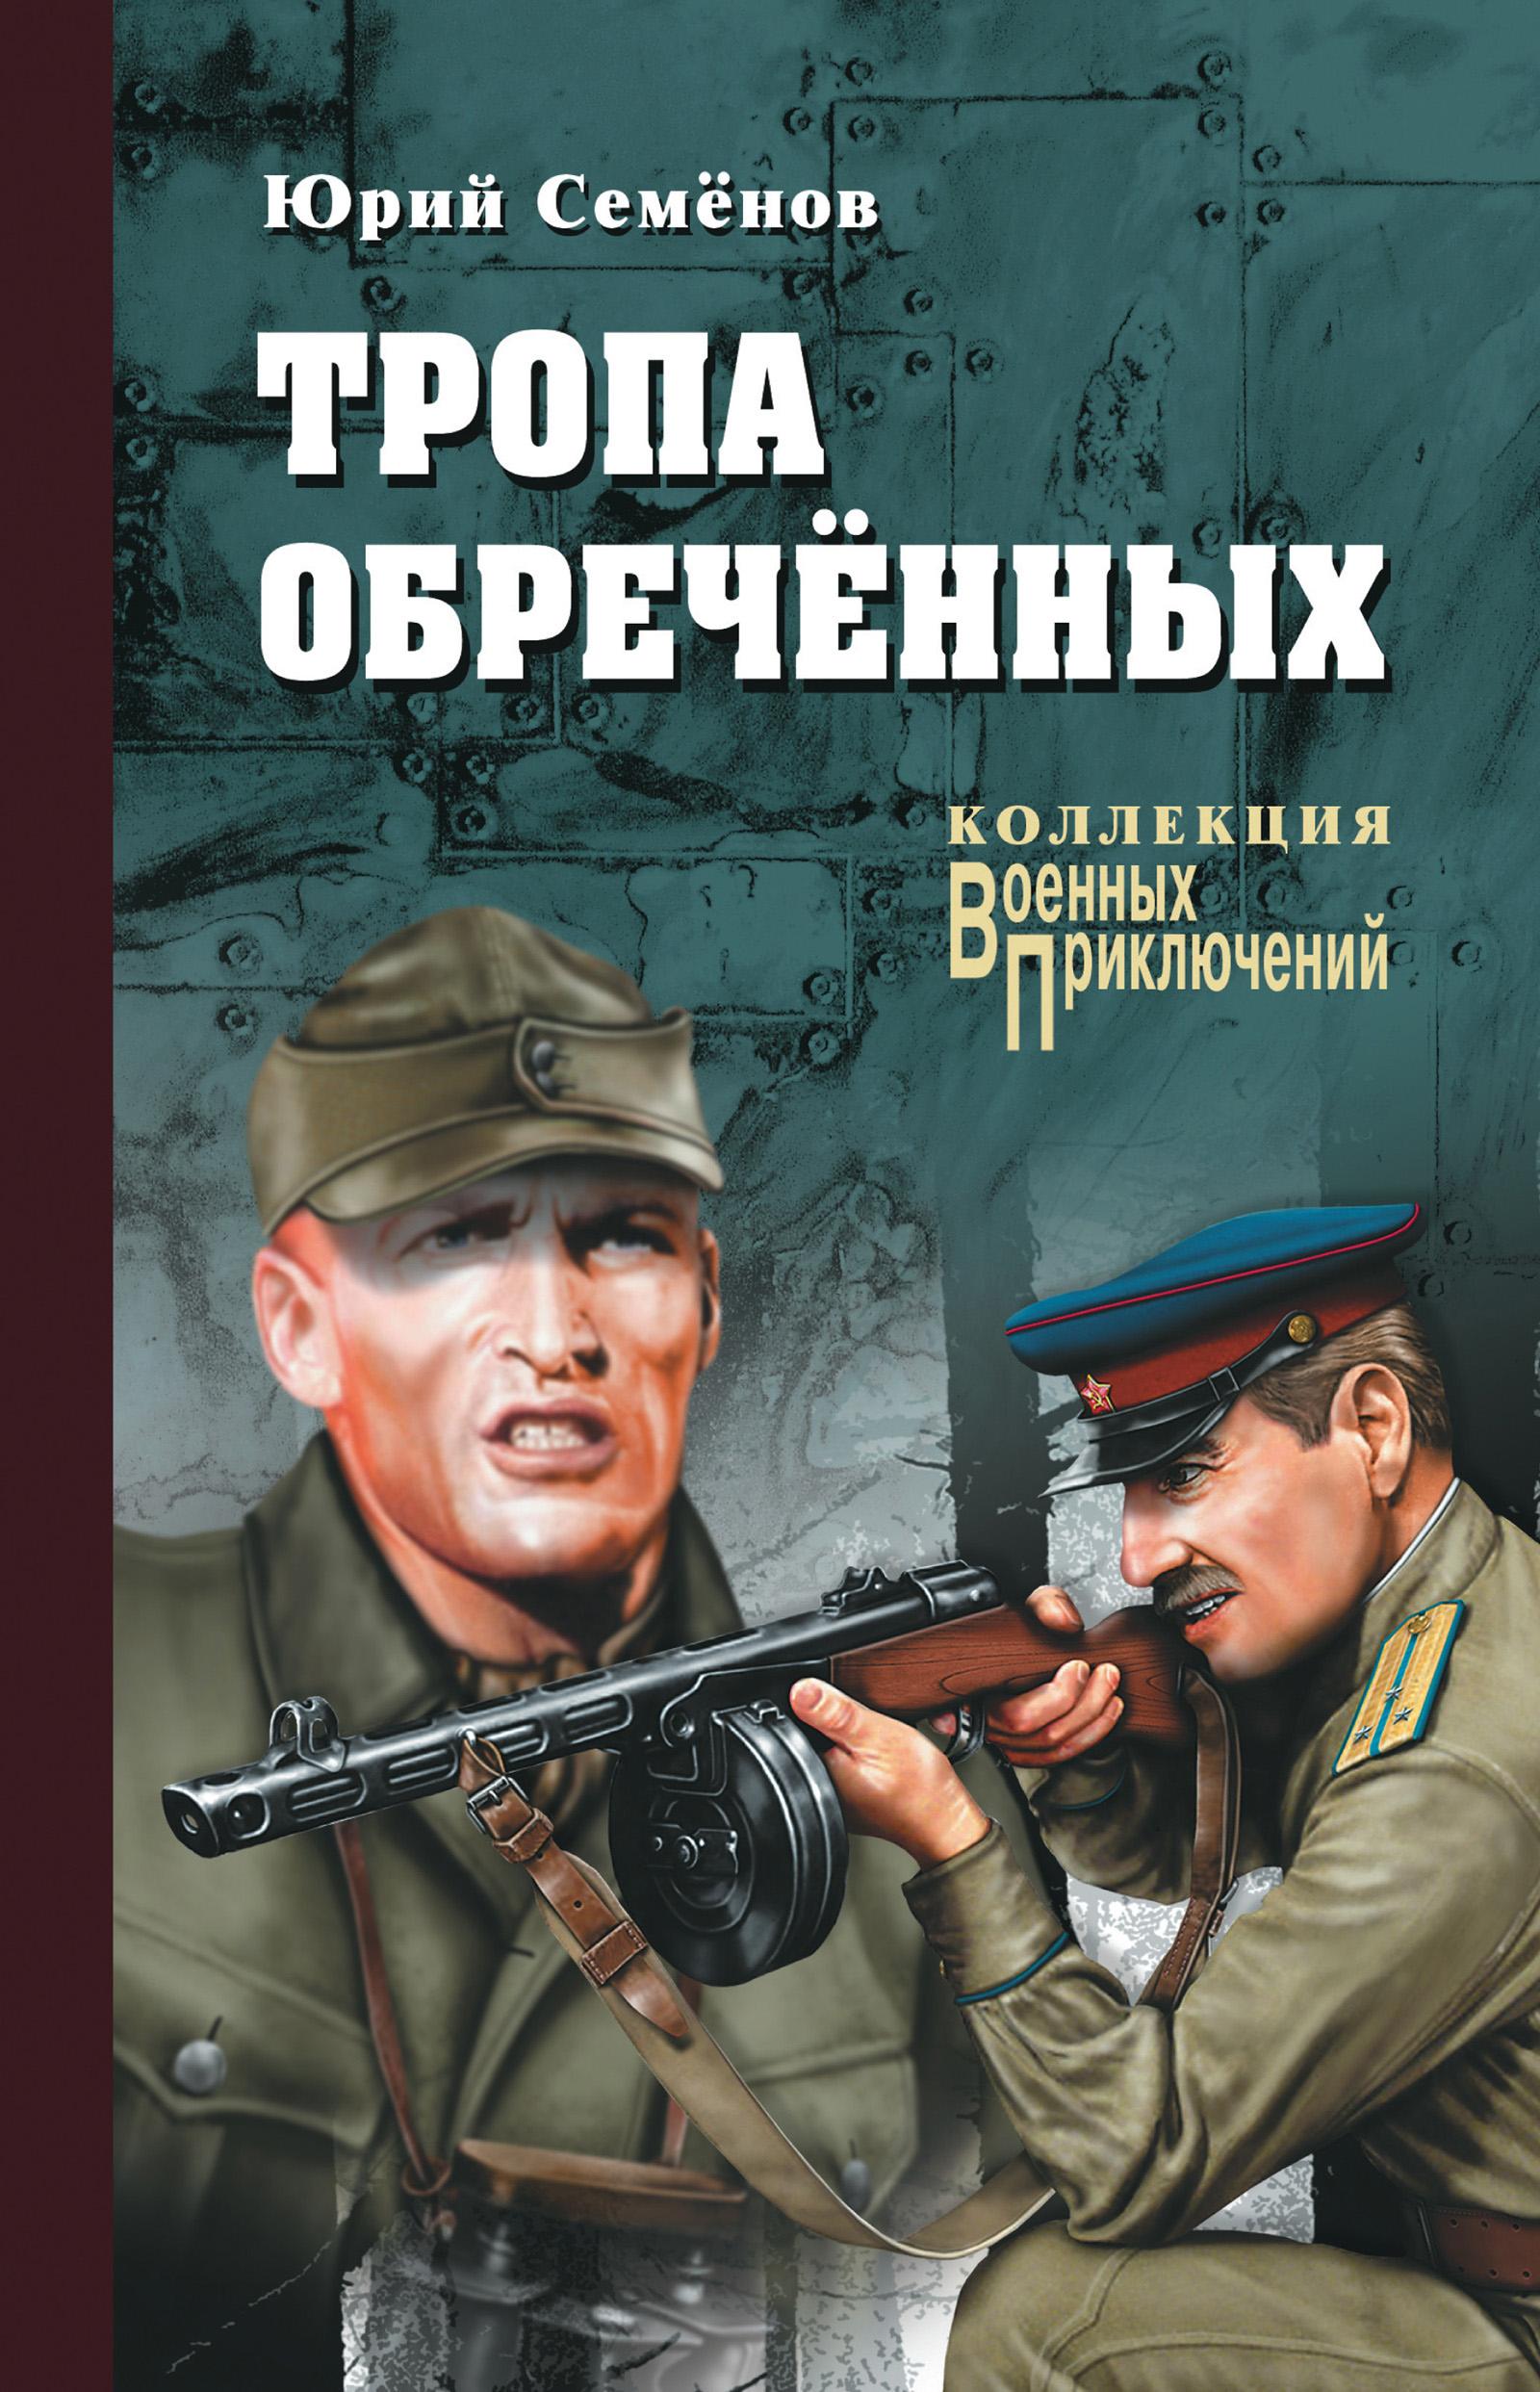 Юрий Семенов - Тропа обреченных